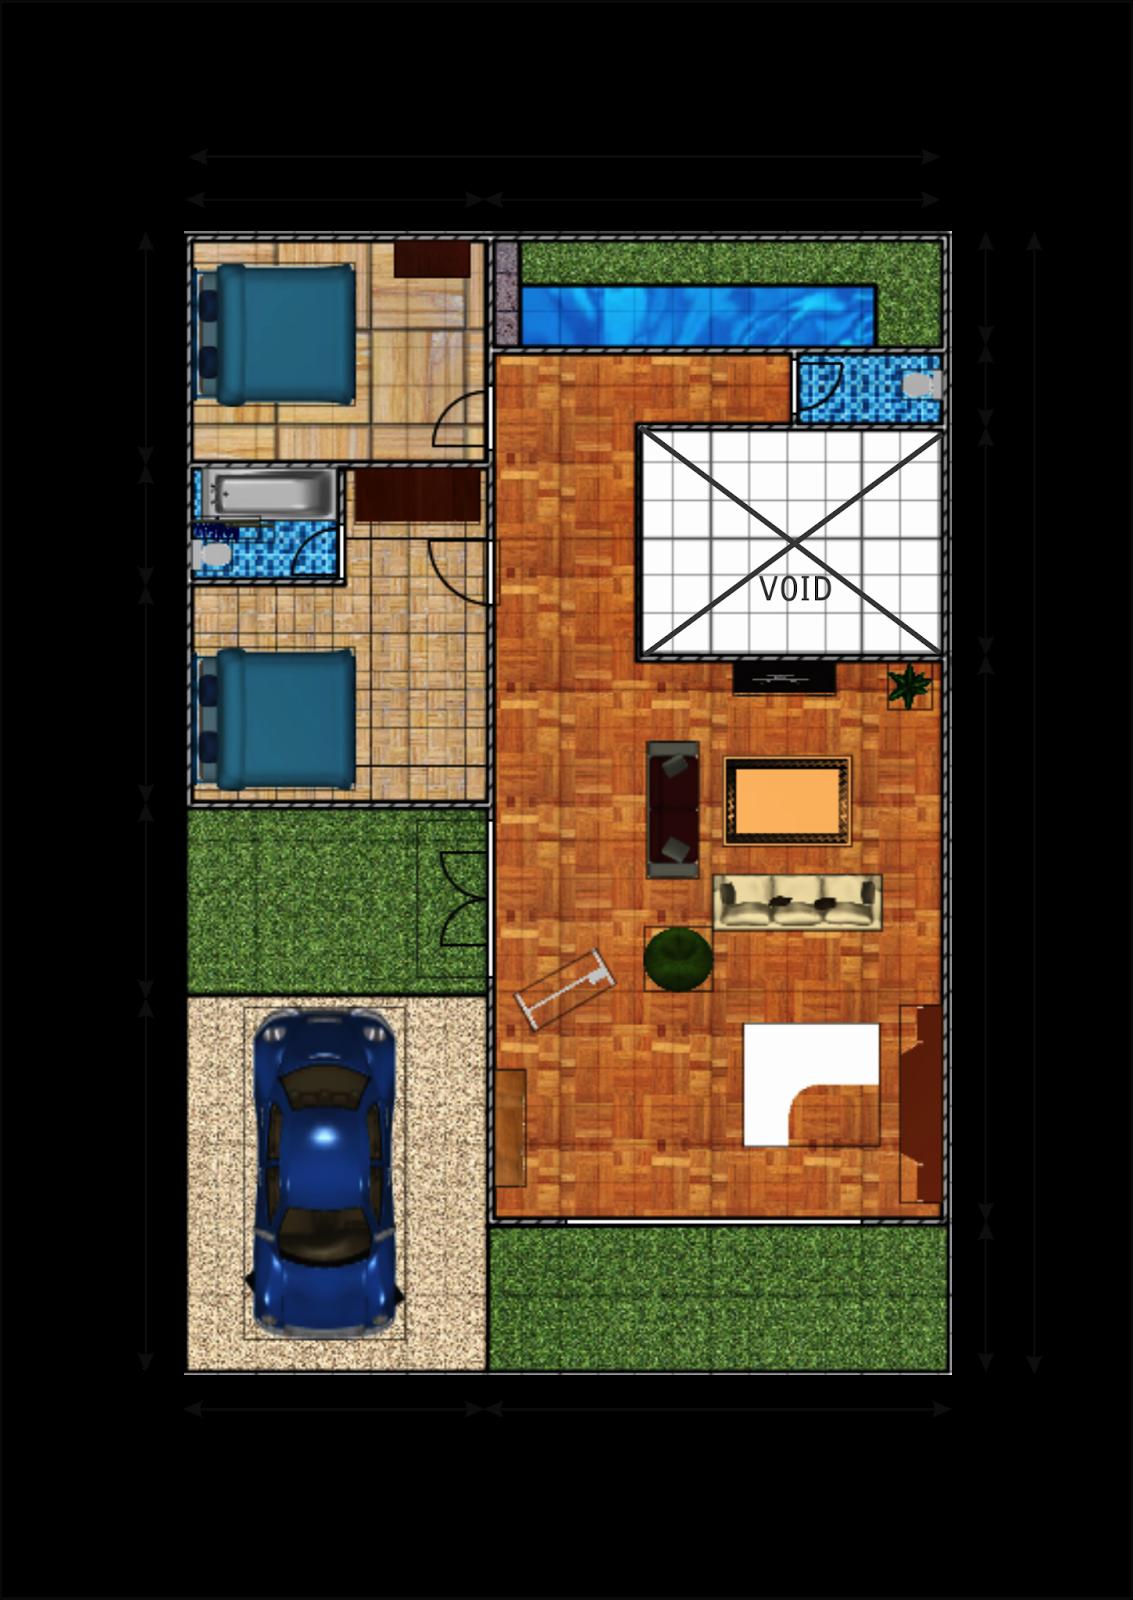 Download image Gambar 1 Denah Rumah 2 Lantai Di Lahan 150m2 PC ...